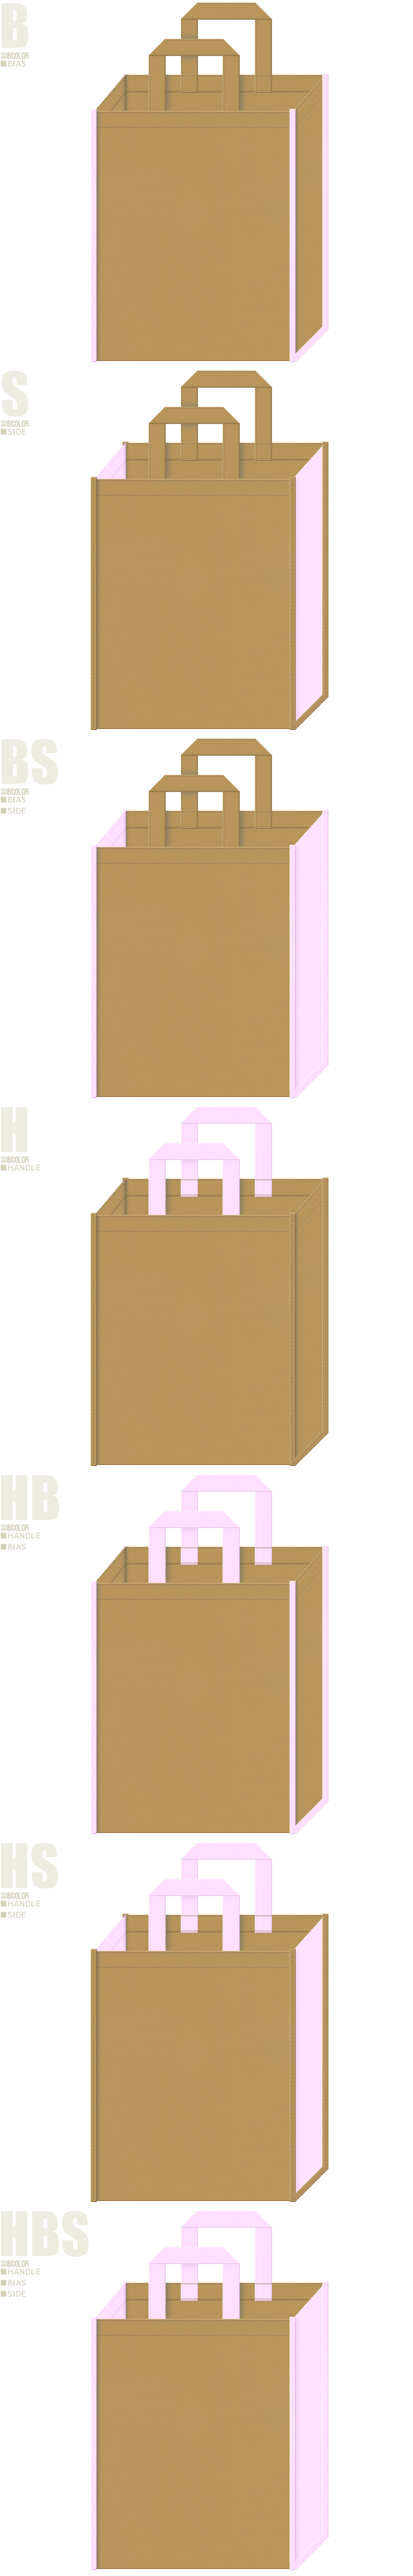 金色系黄土色と明るめのピンク色、7パターンの不織布トートバッグ配色デザイン例。